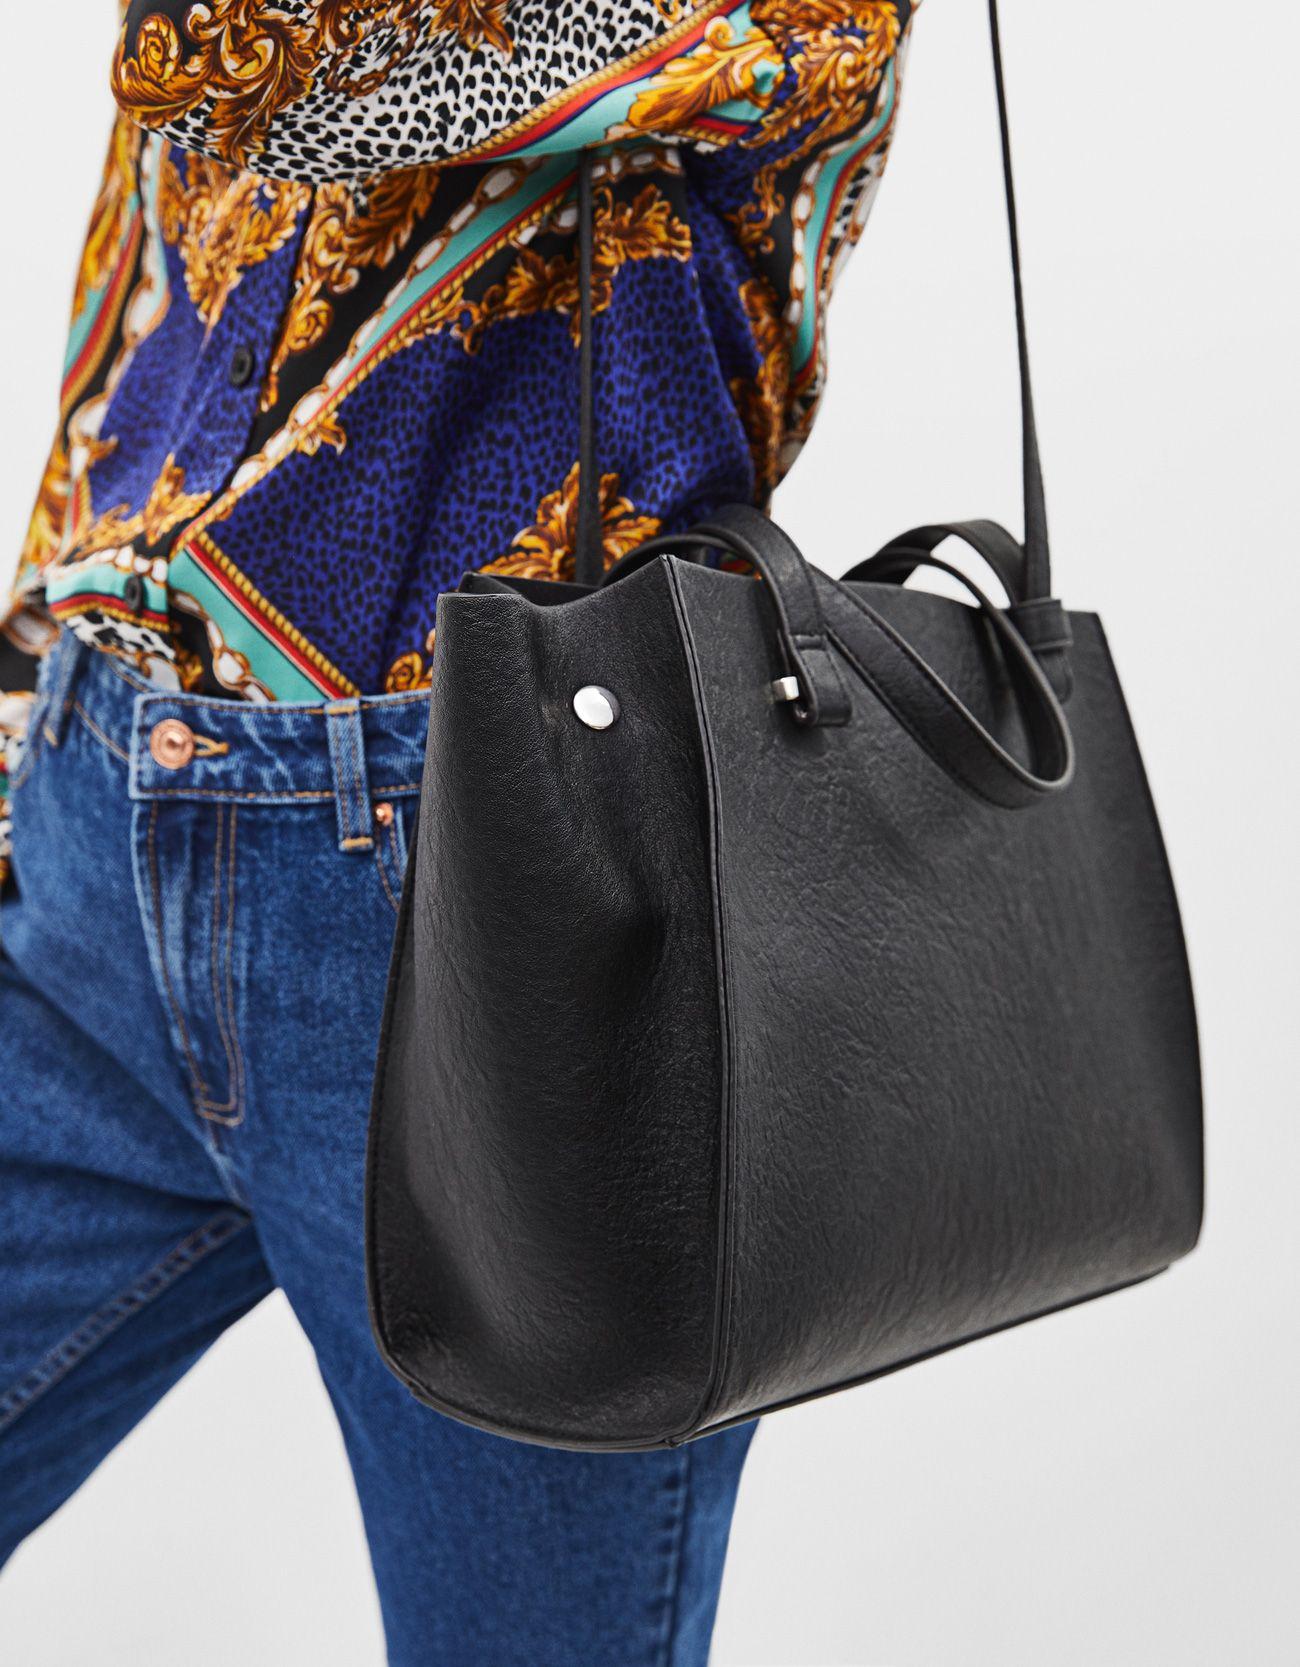 86ccbd90afde کیف چرم مصنوعی مشکی دوشی زنانه برشکا